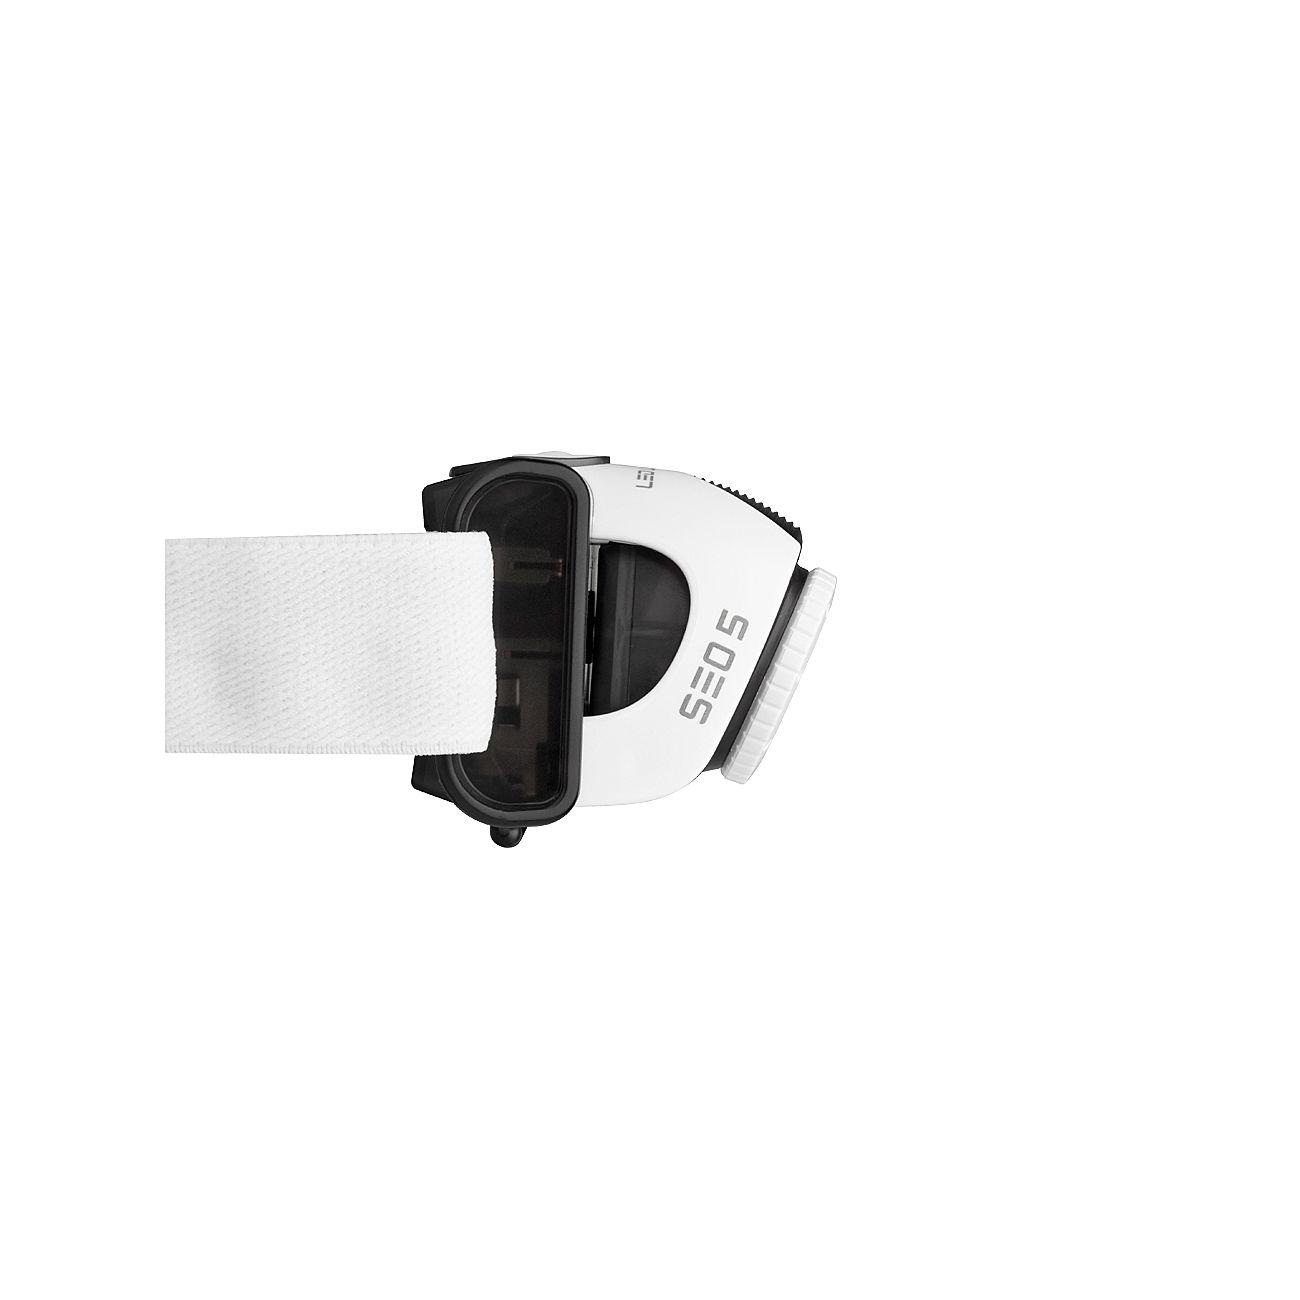 led lenser stirnlampe seo5 grau 180 lumen kotte zeller. Black Bedroom Furniture Sets. Home Design Ideas